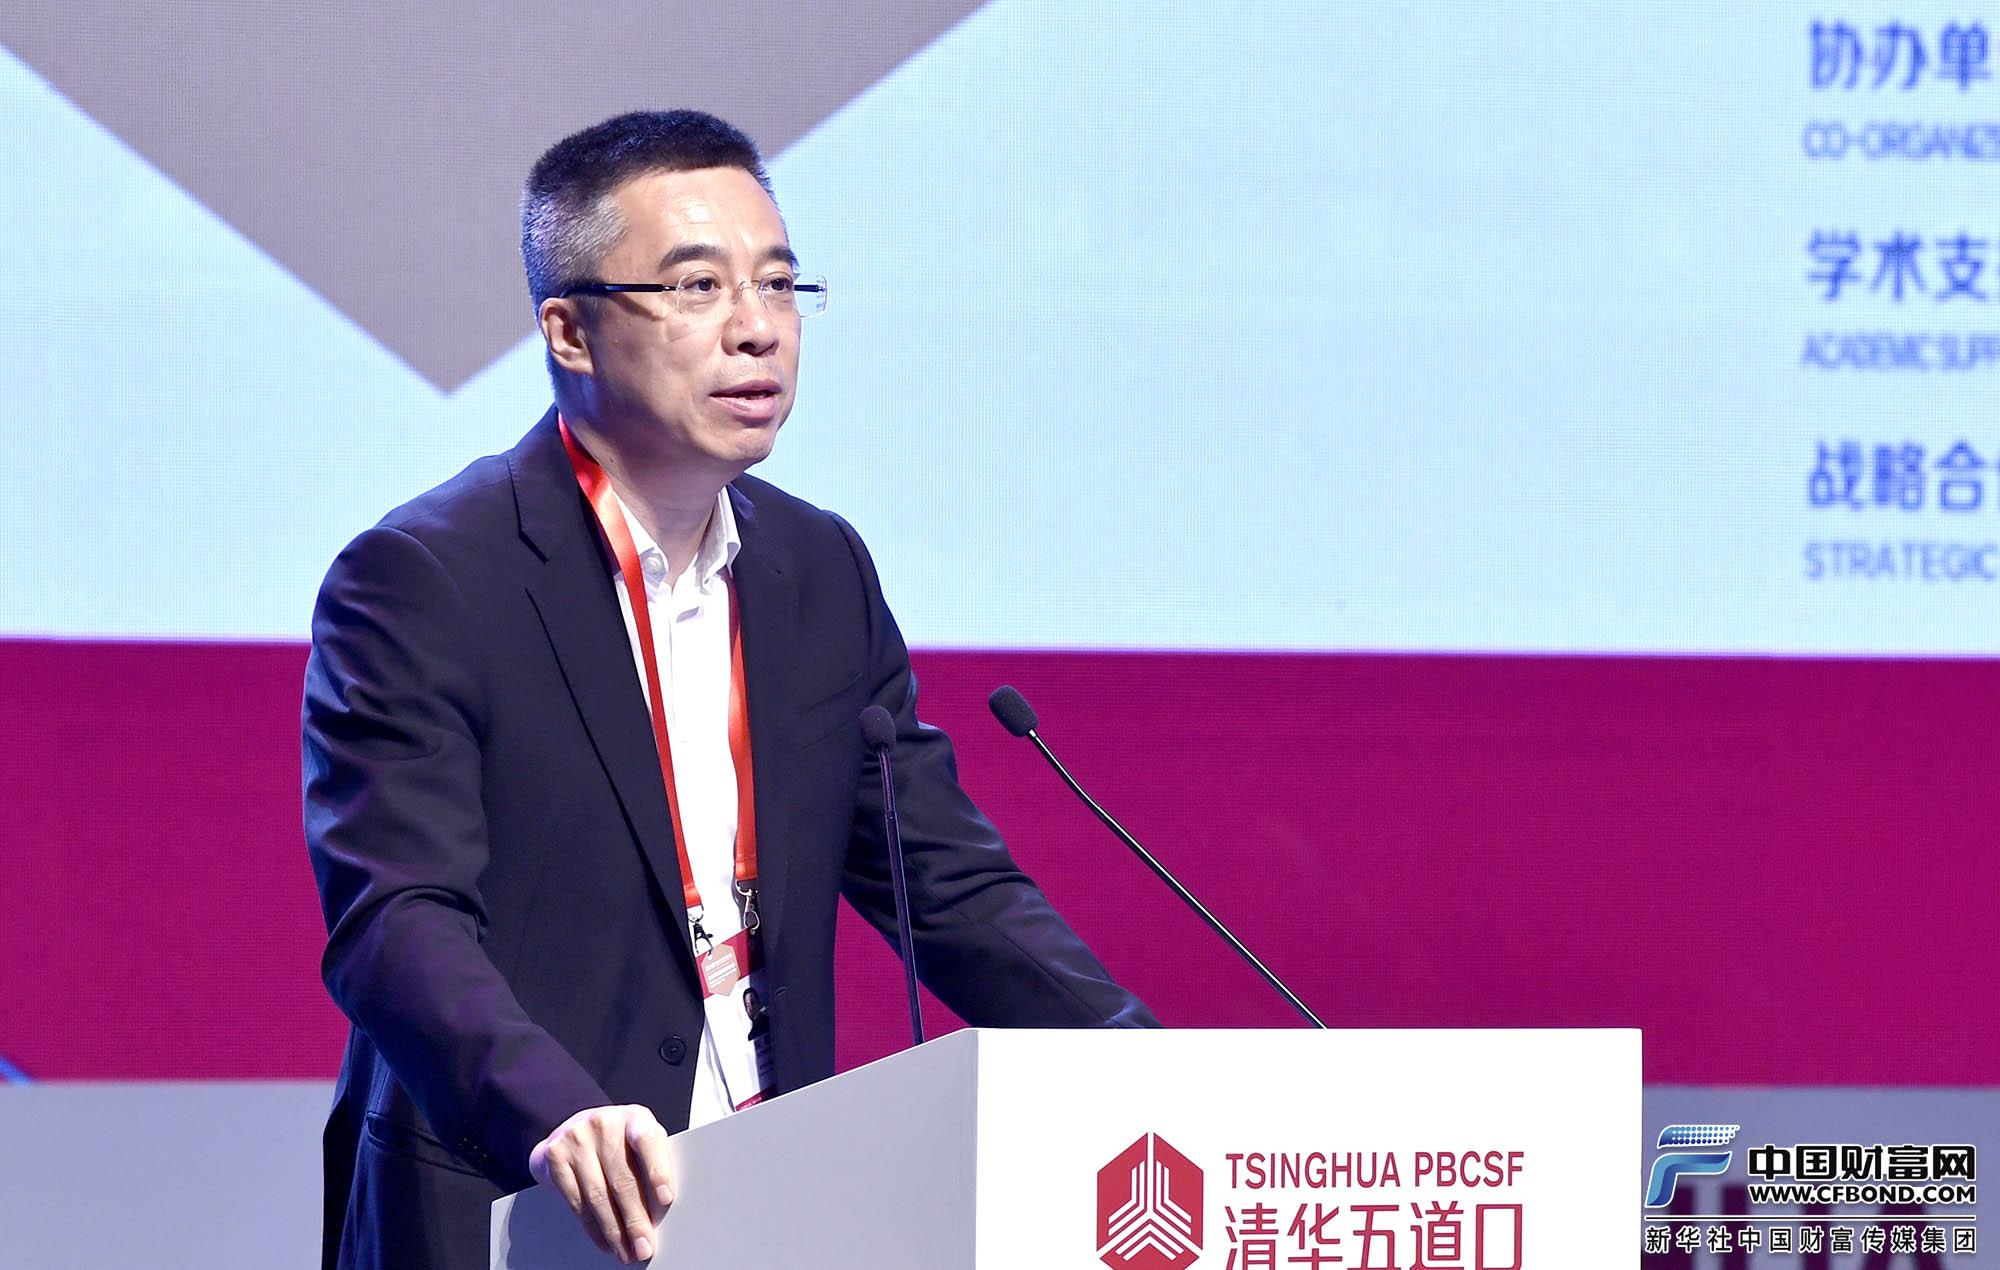 宋歌: 注重文化产业的高质量发展